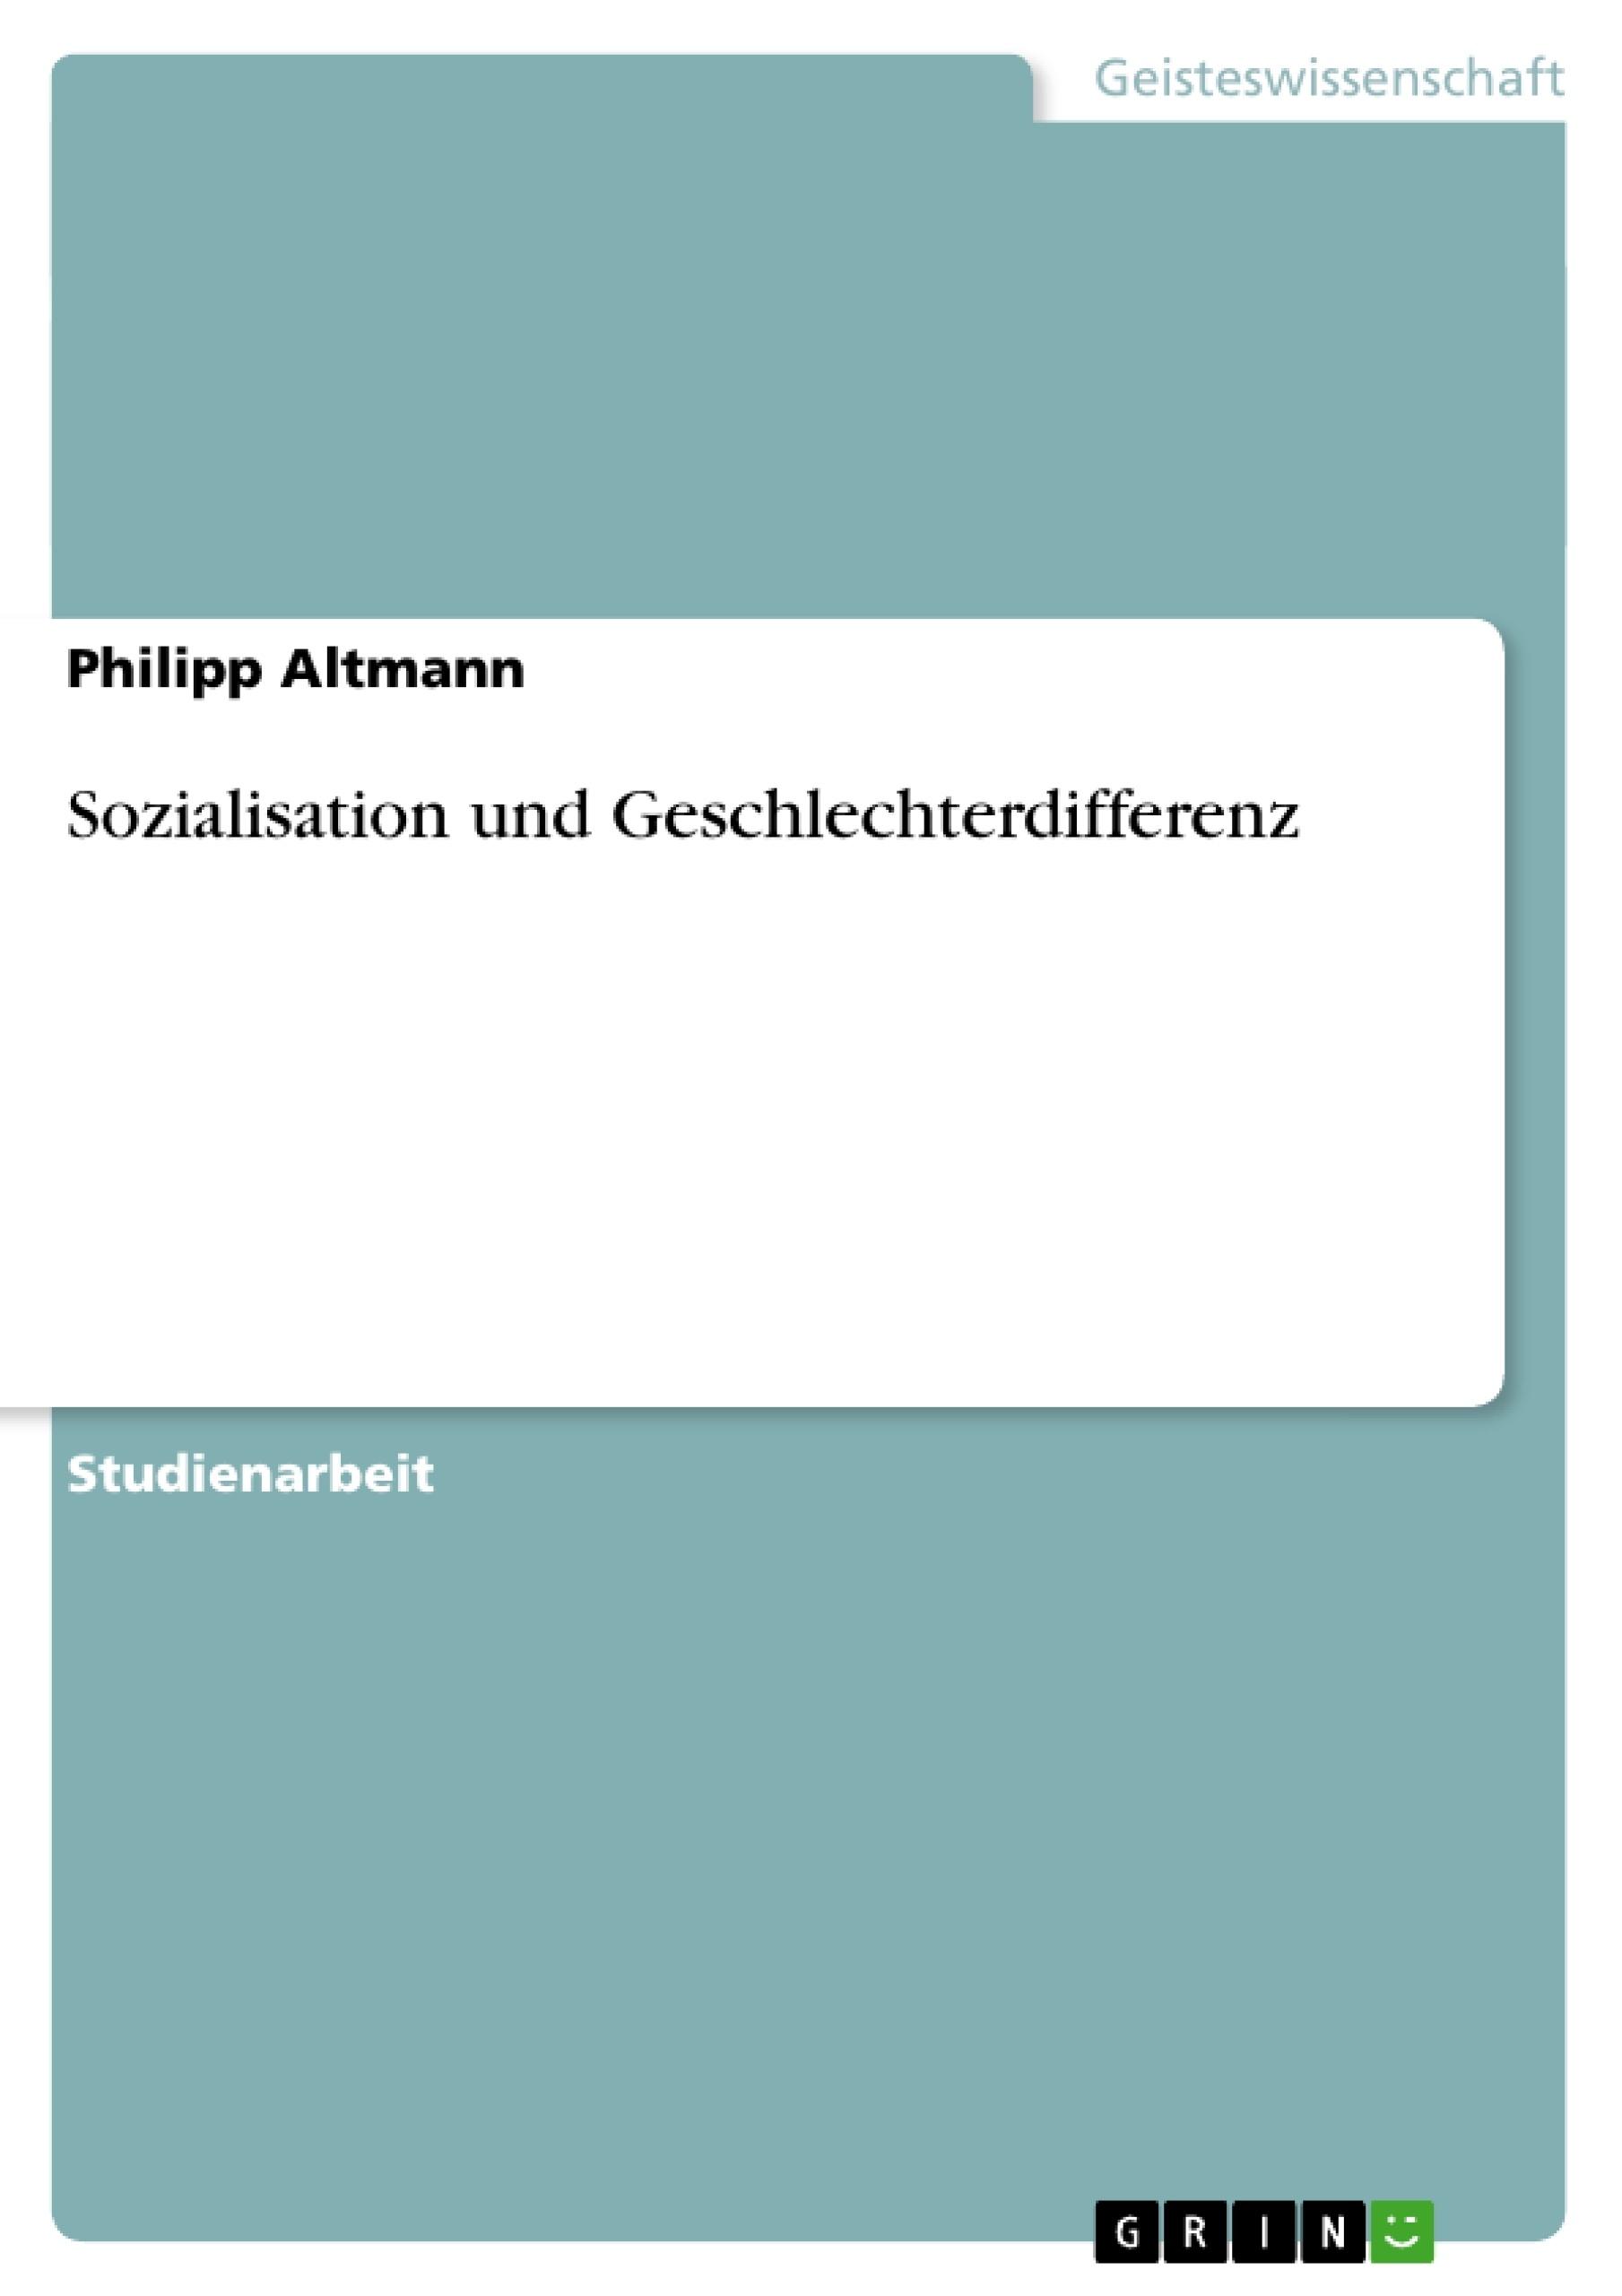 Titel: Sozialisation und Geschlechterdifferenz